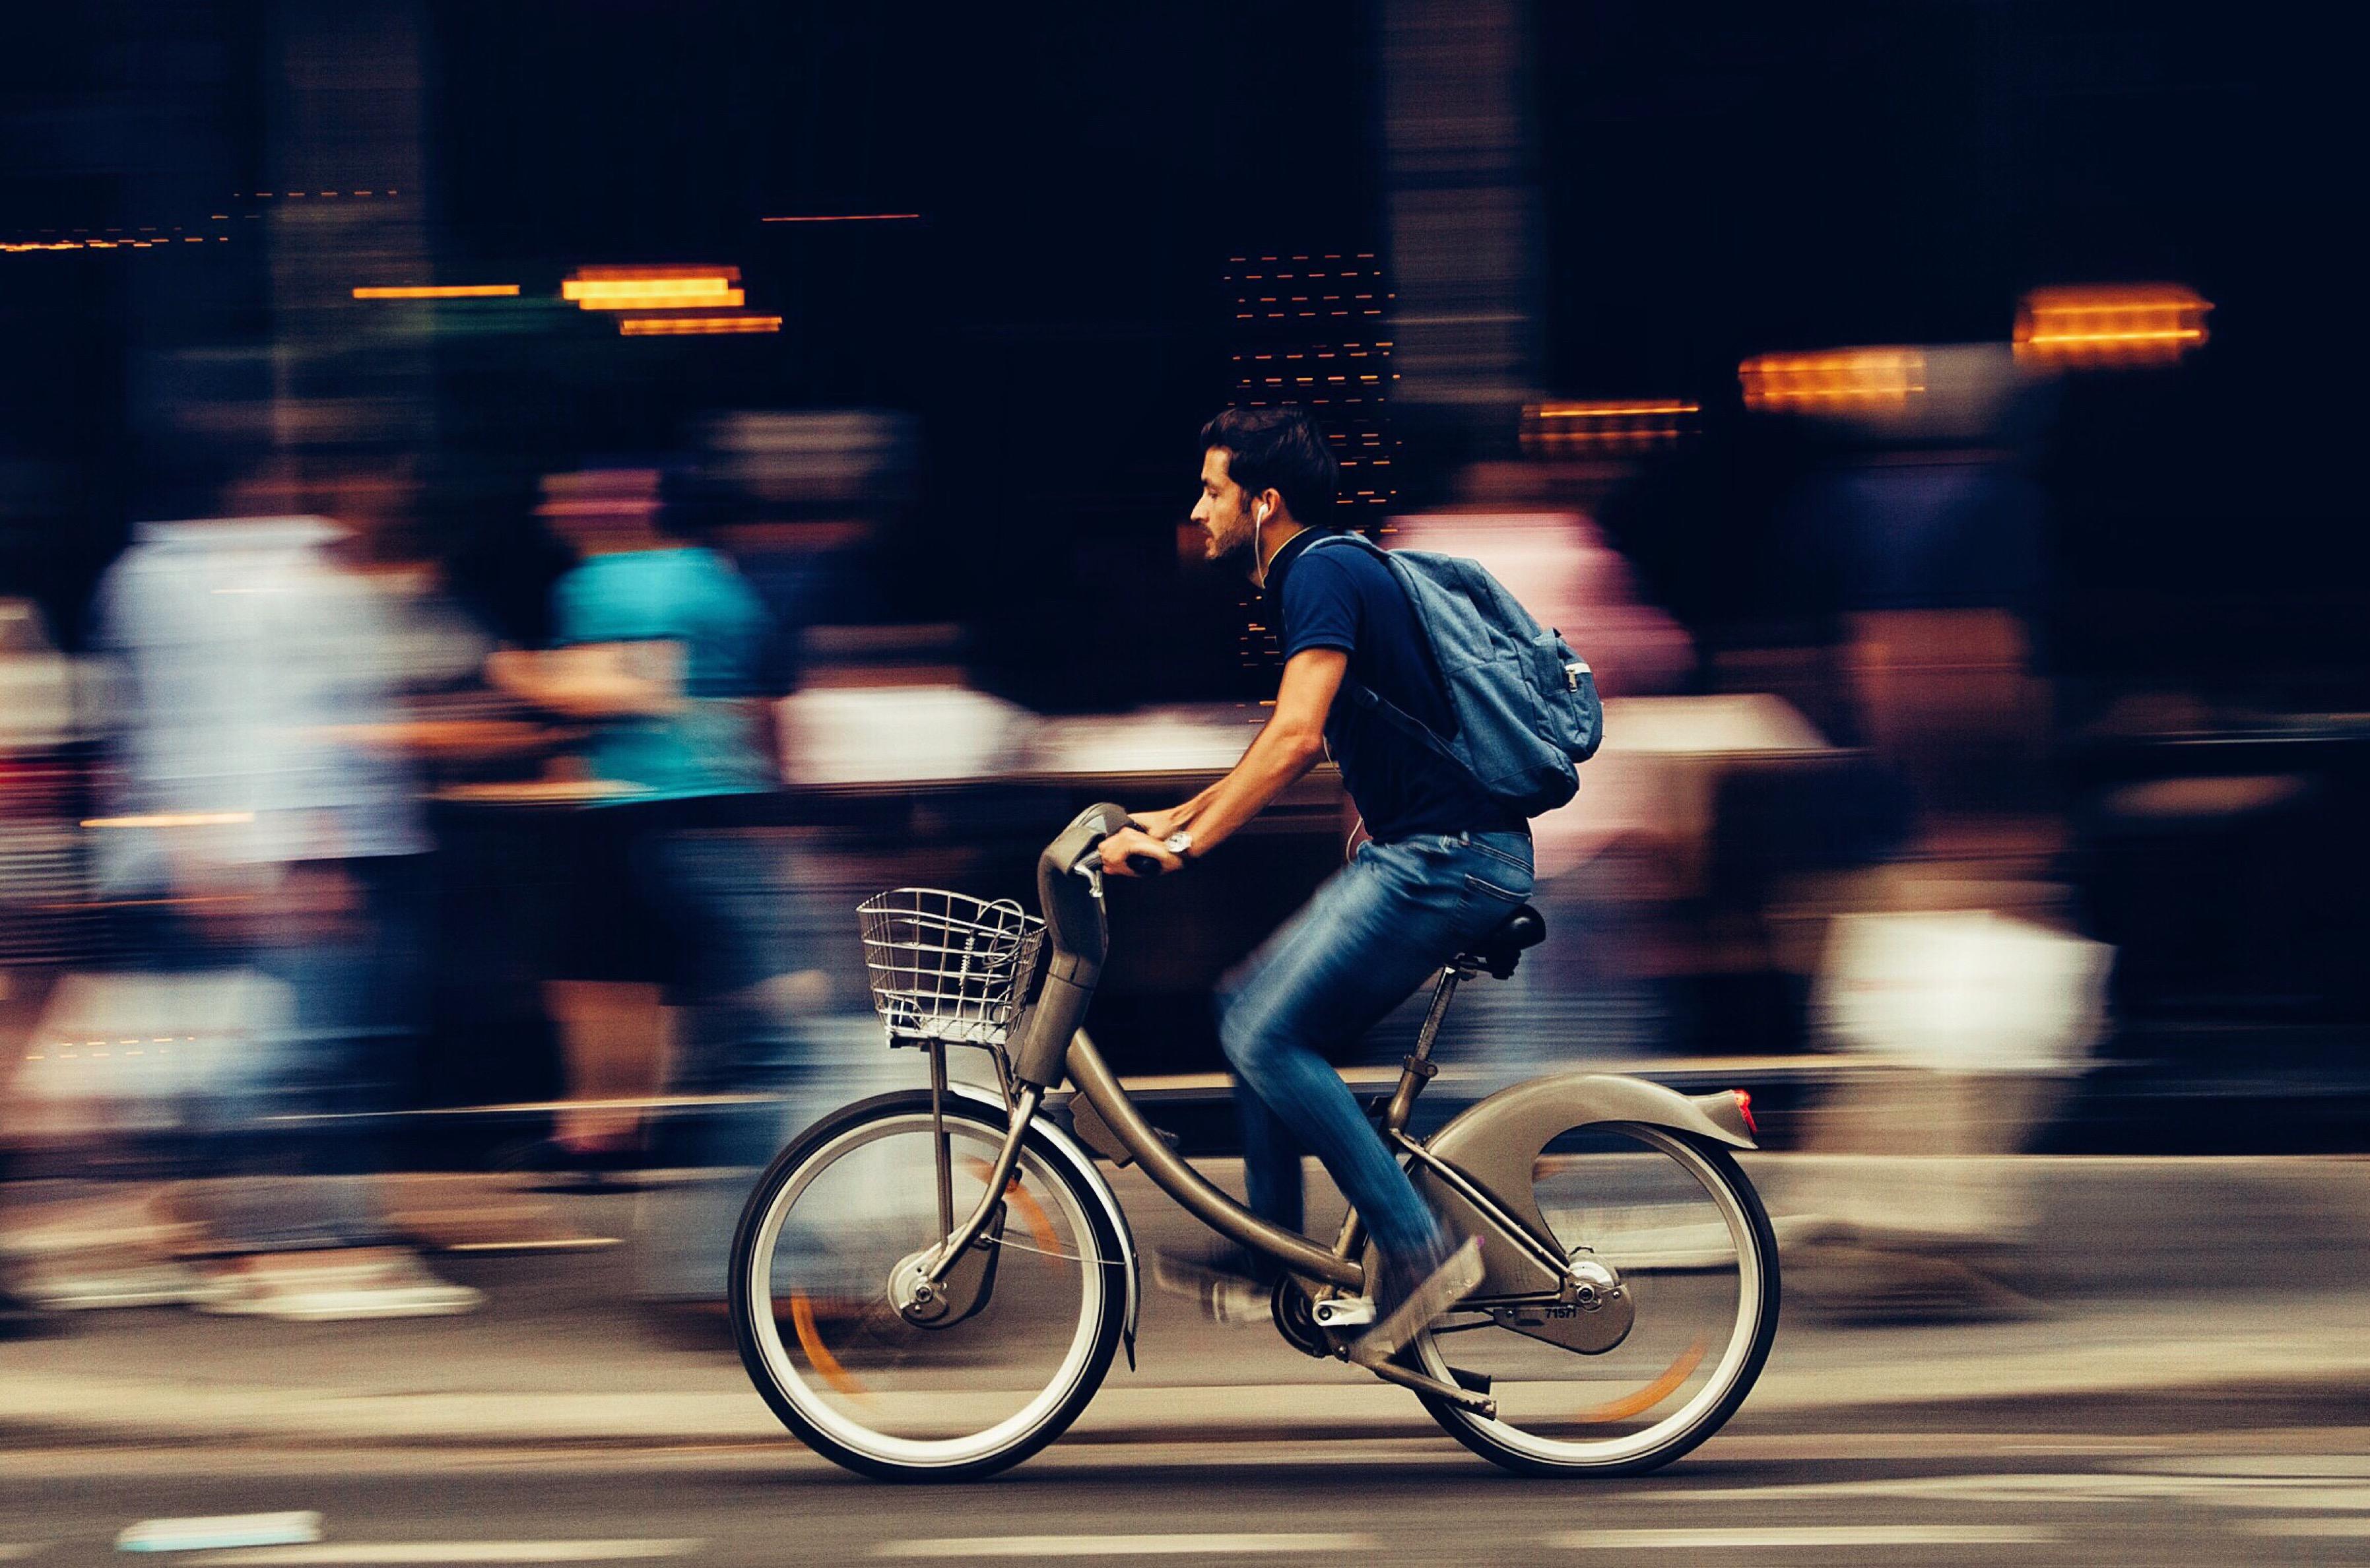 Sneller op weg met een elektrische fiets